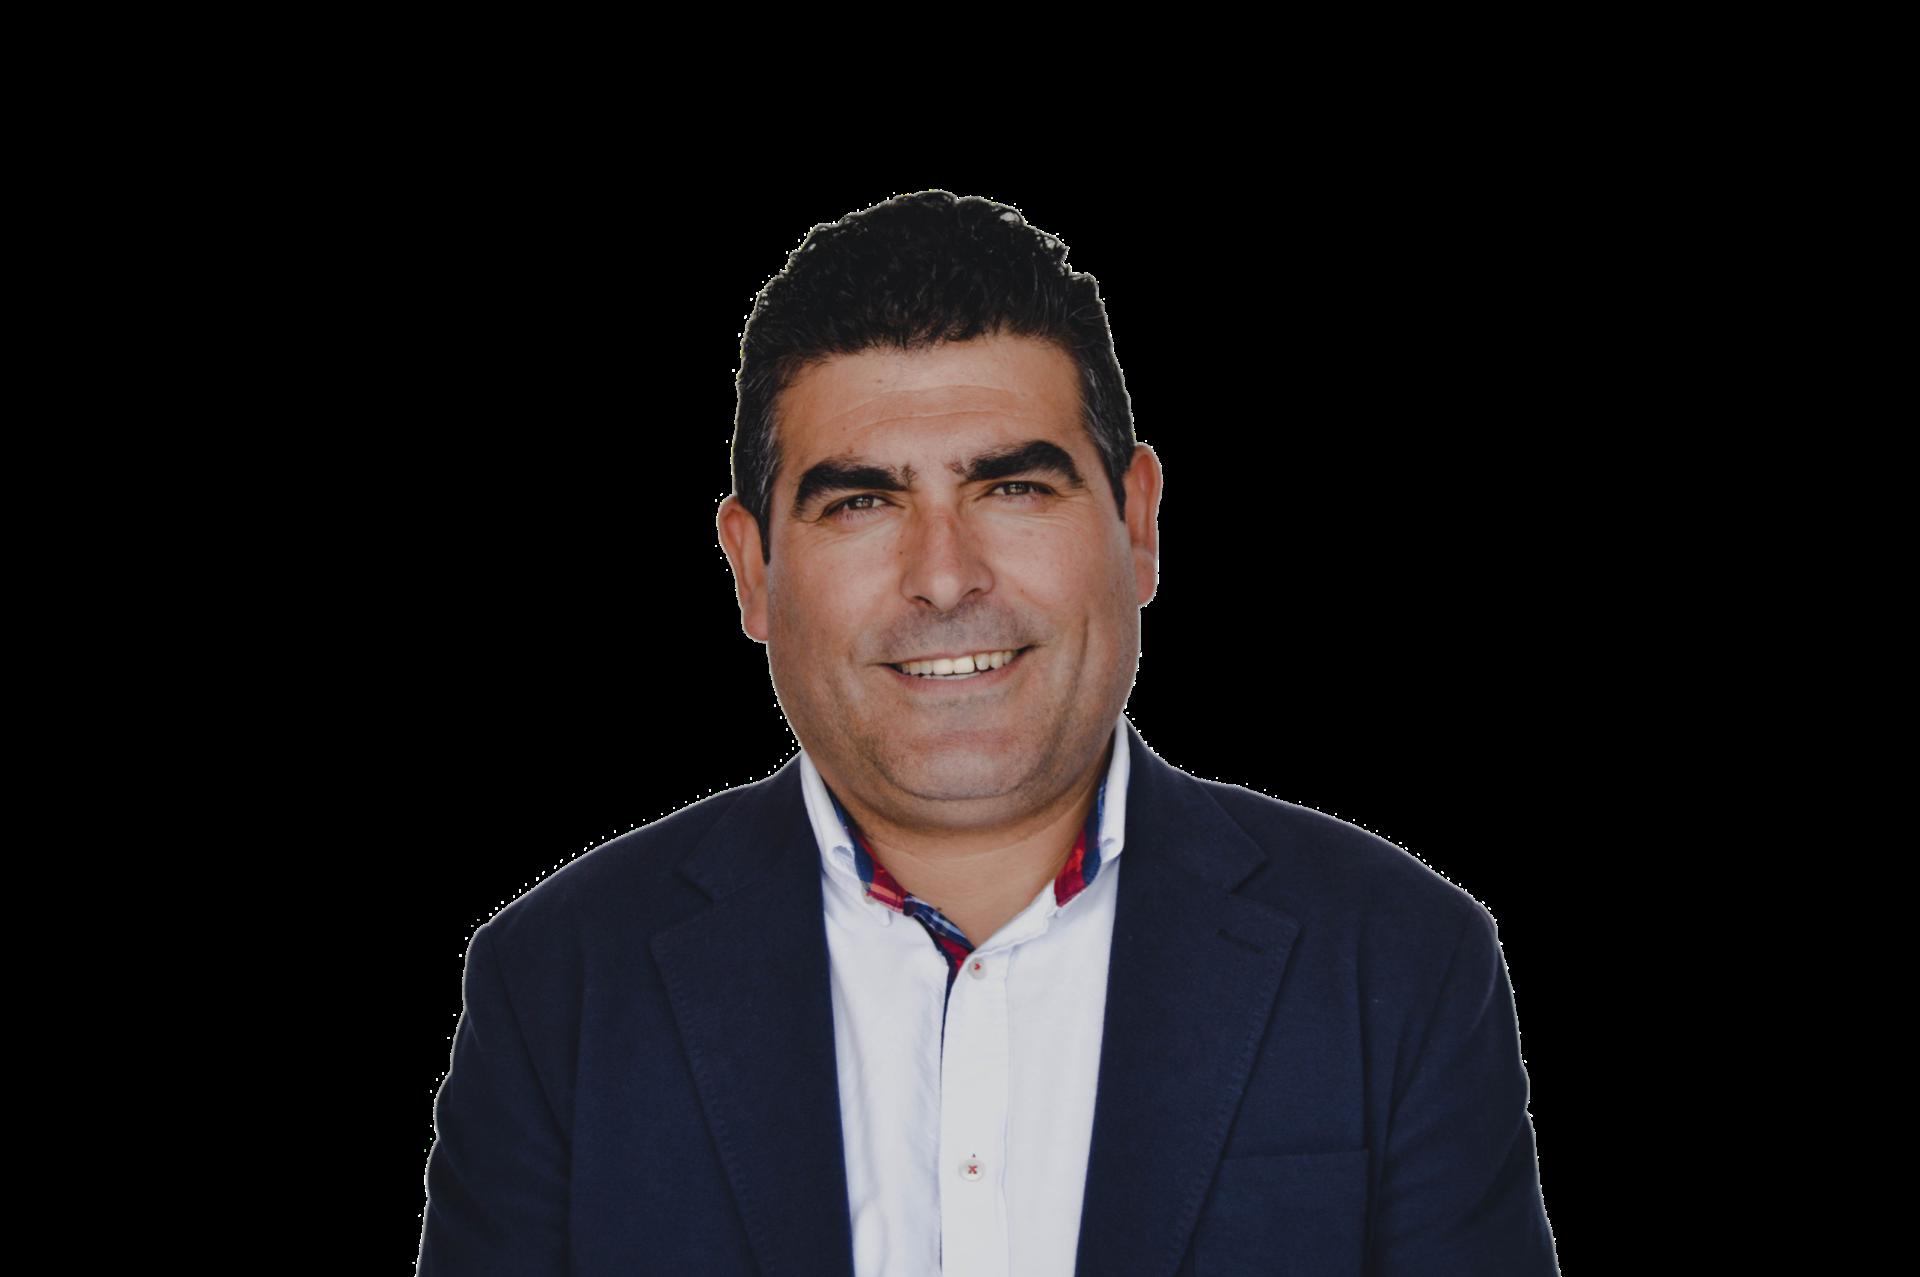 Manuel Jesús Sánchez Nieto